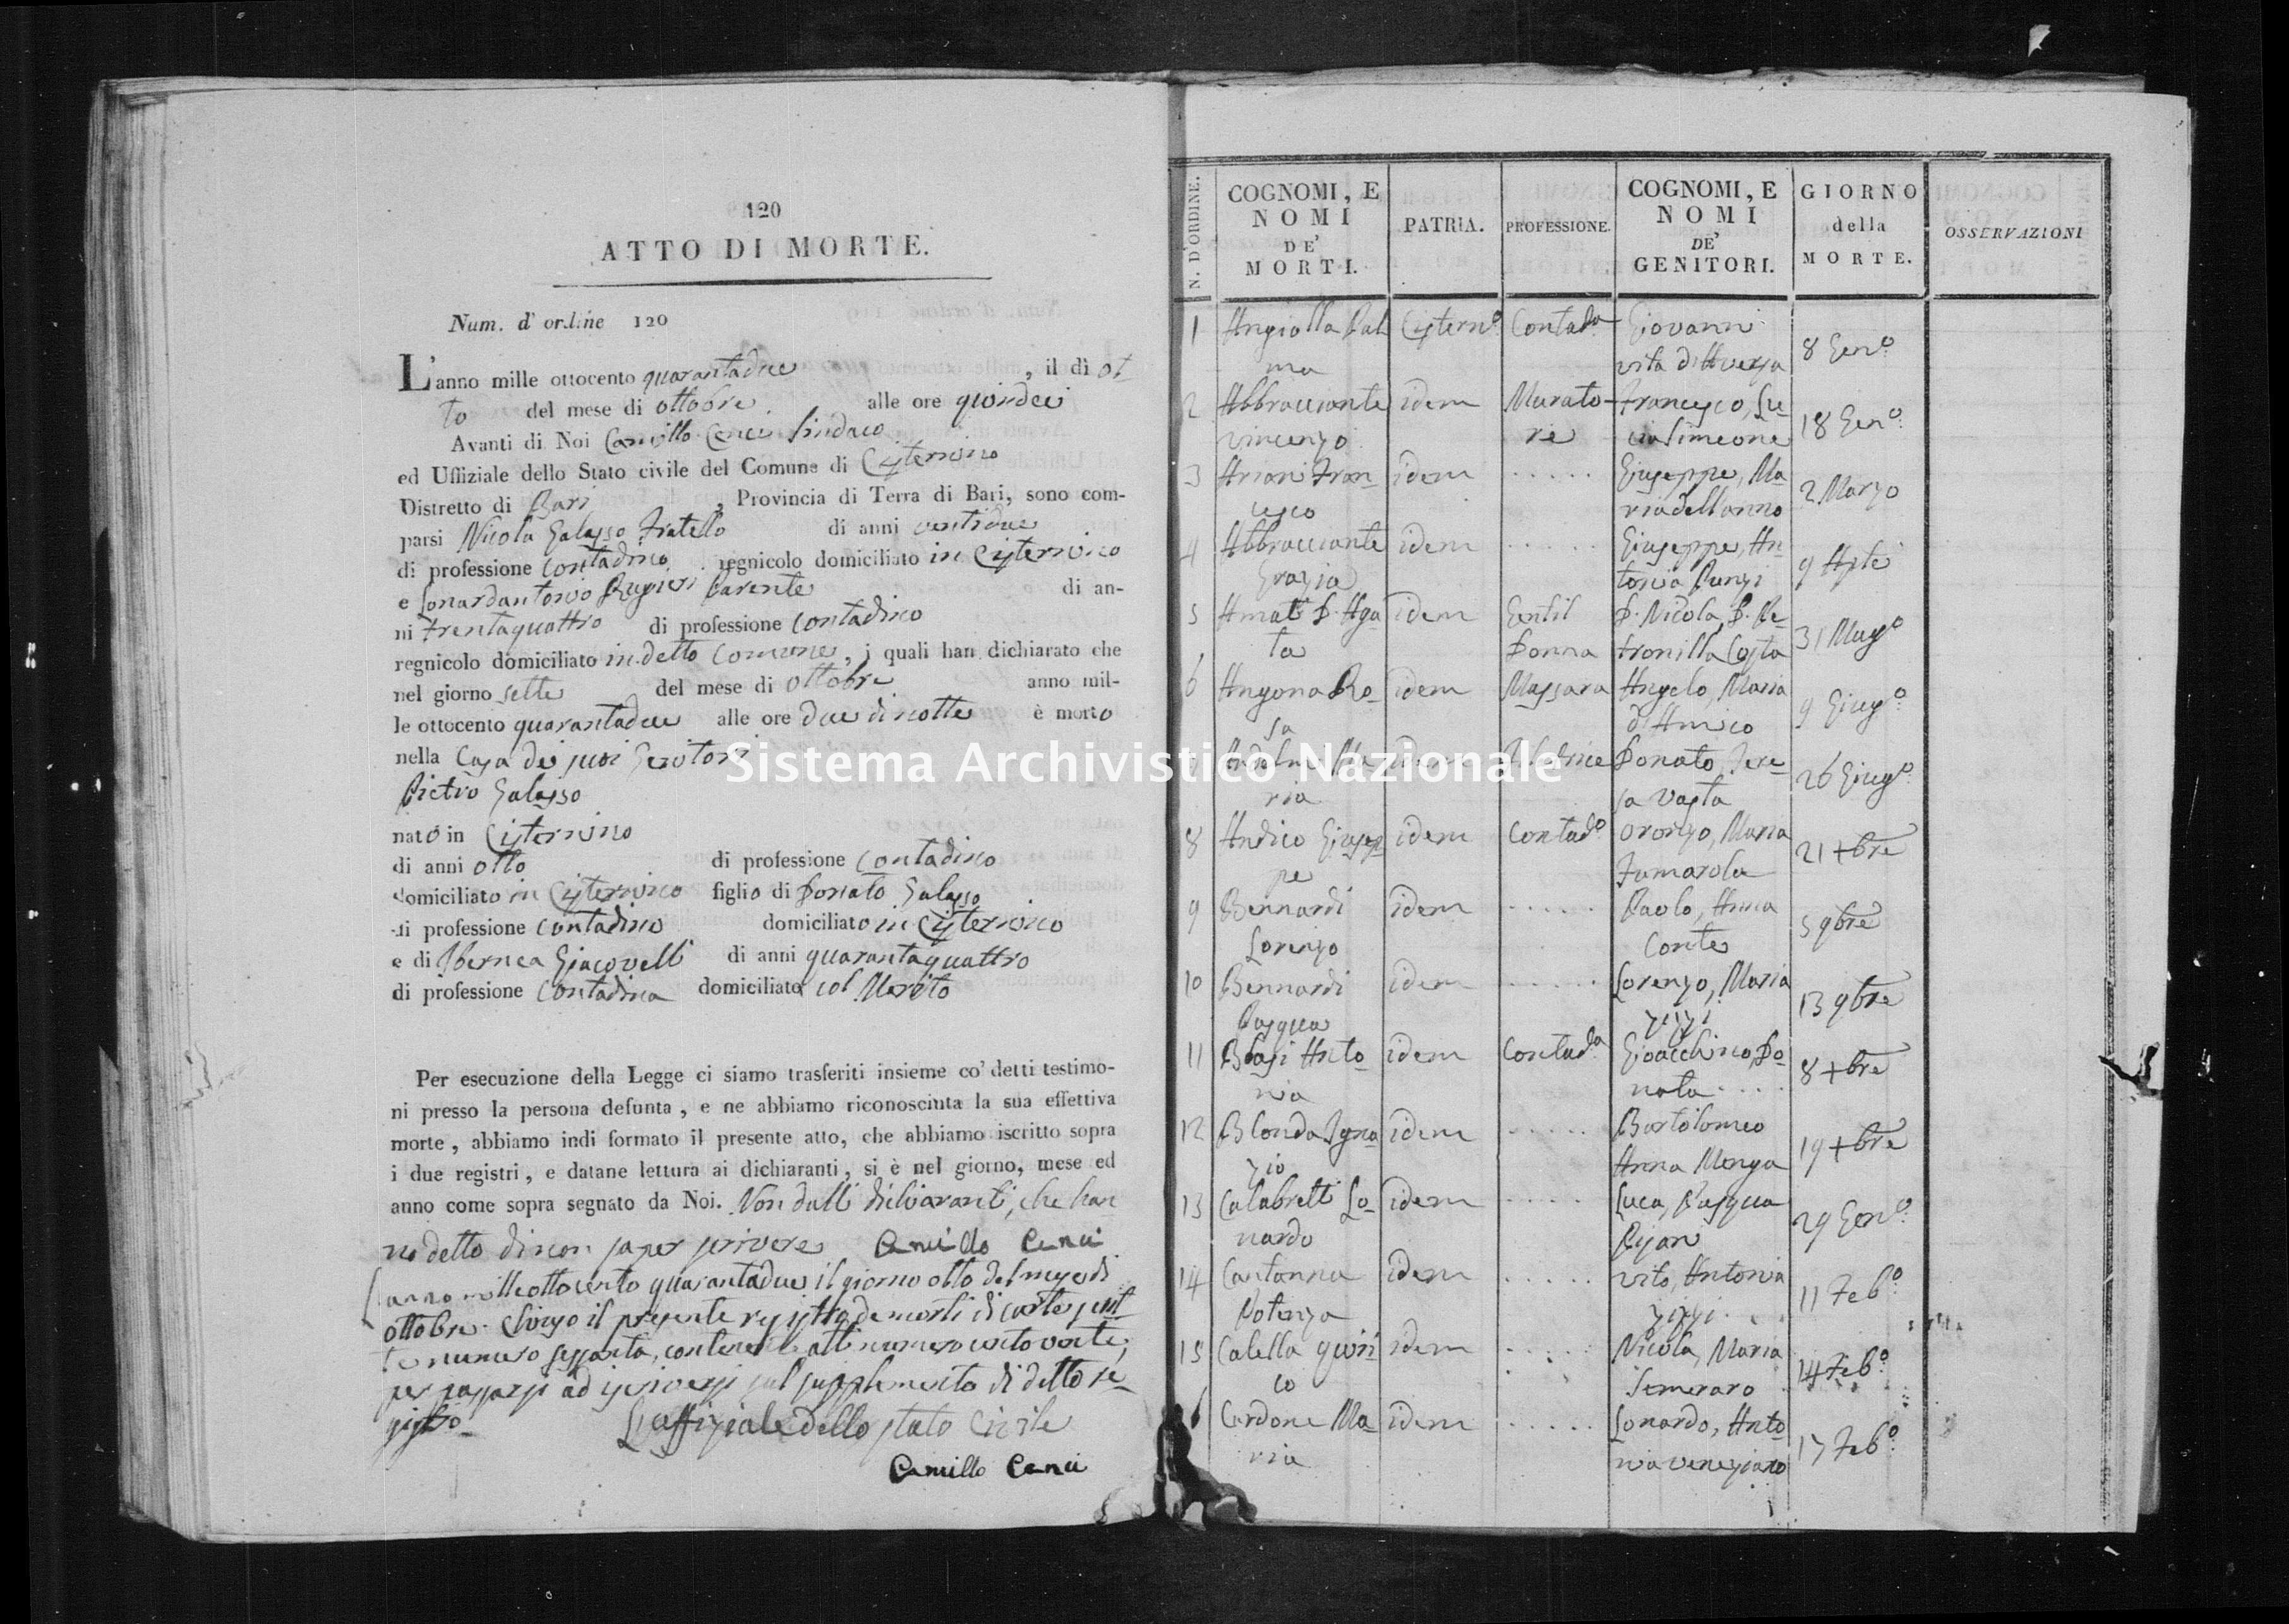 Archivio di stato di Bari - Stato civile della restaurazione - Cisternino - Morti, indice - 1842 -